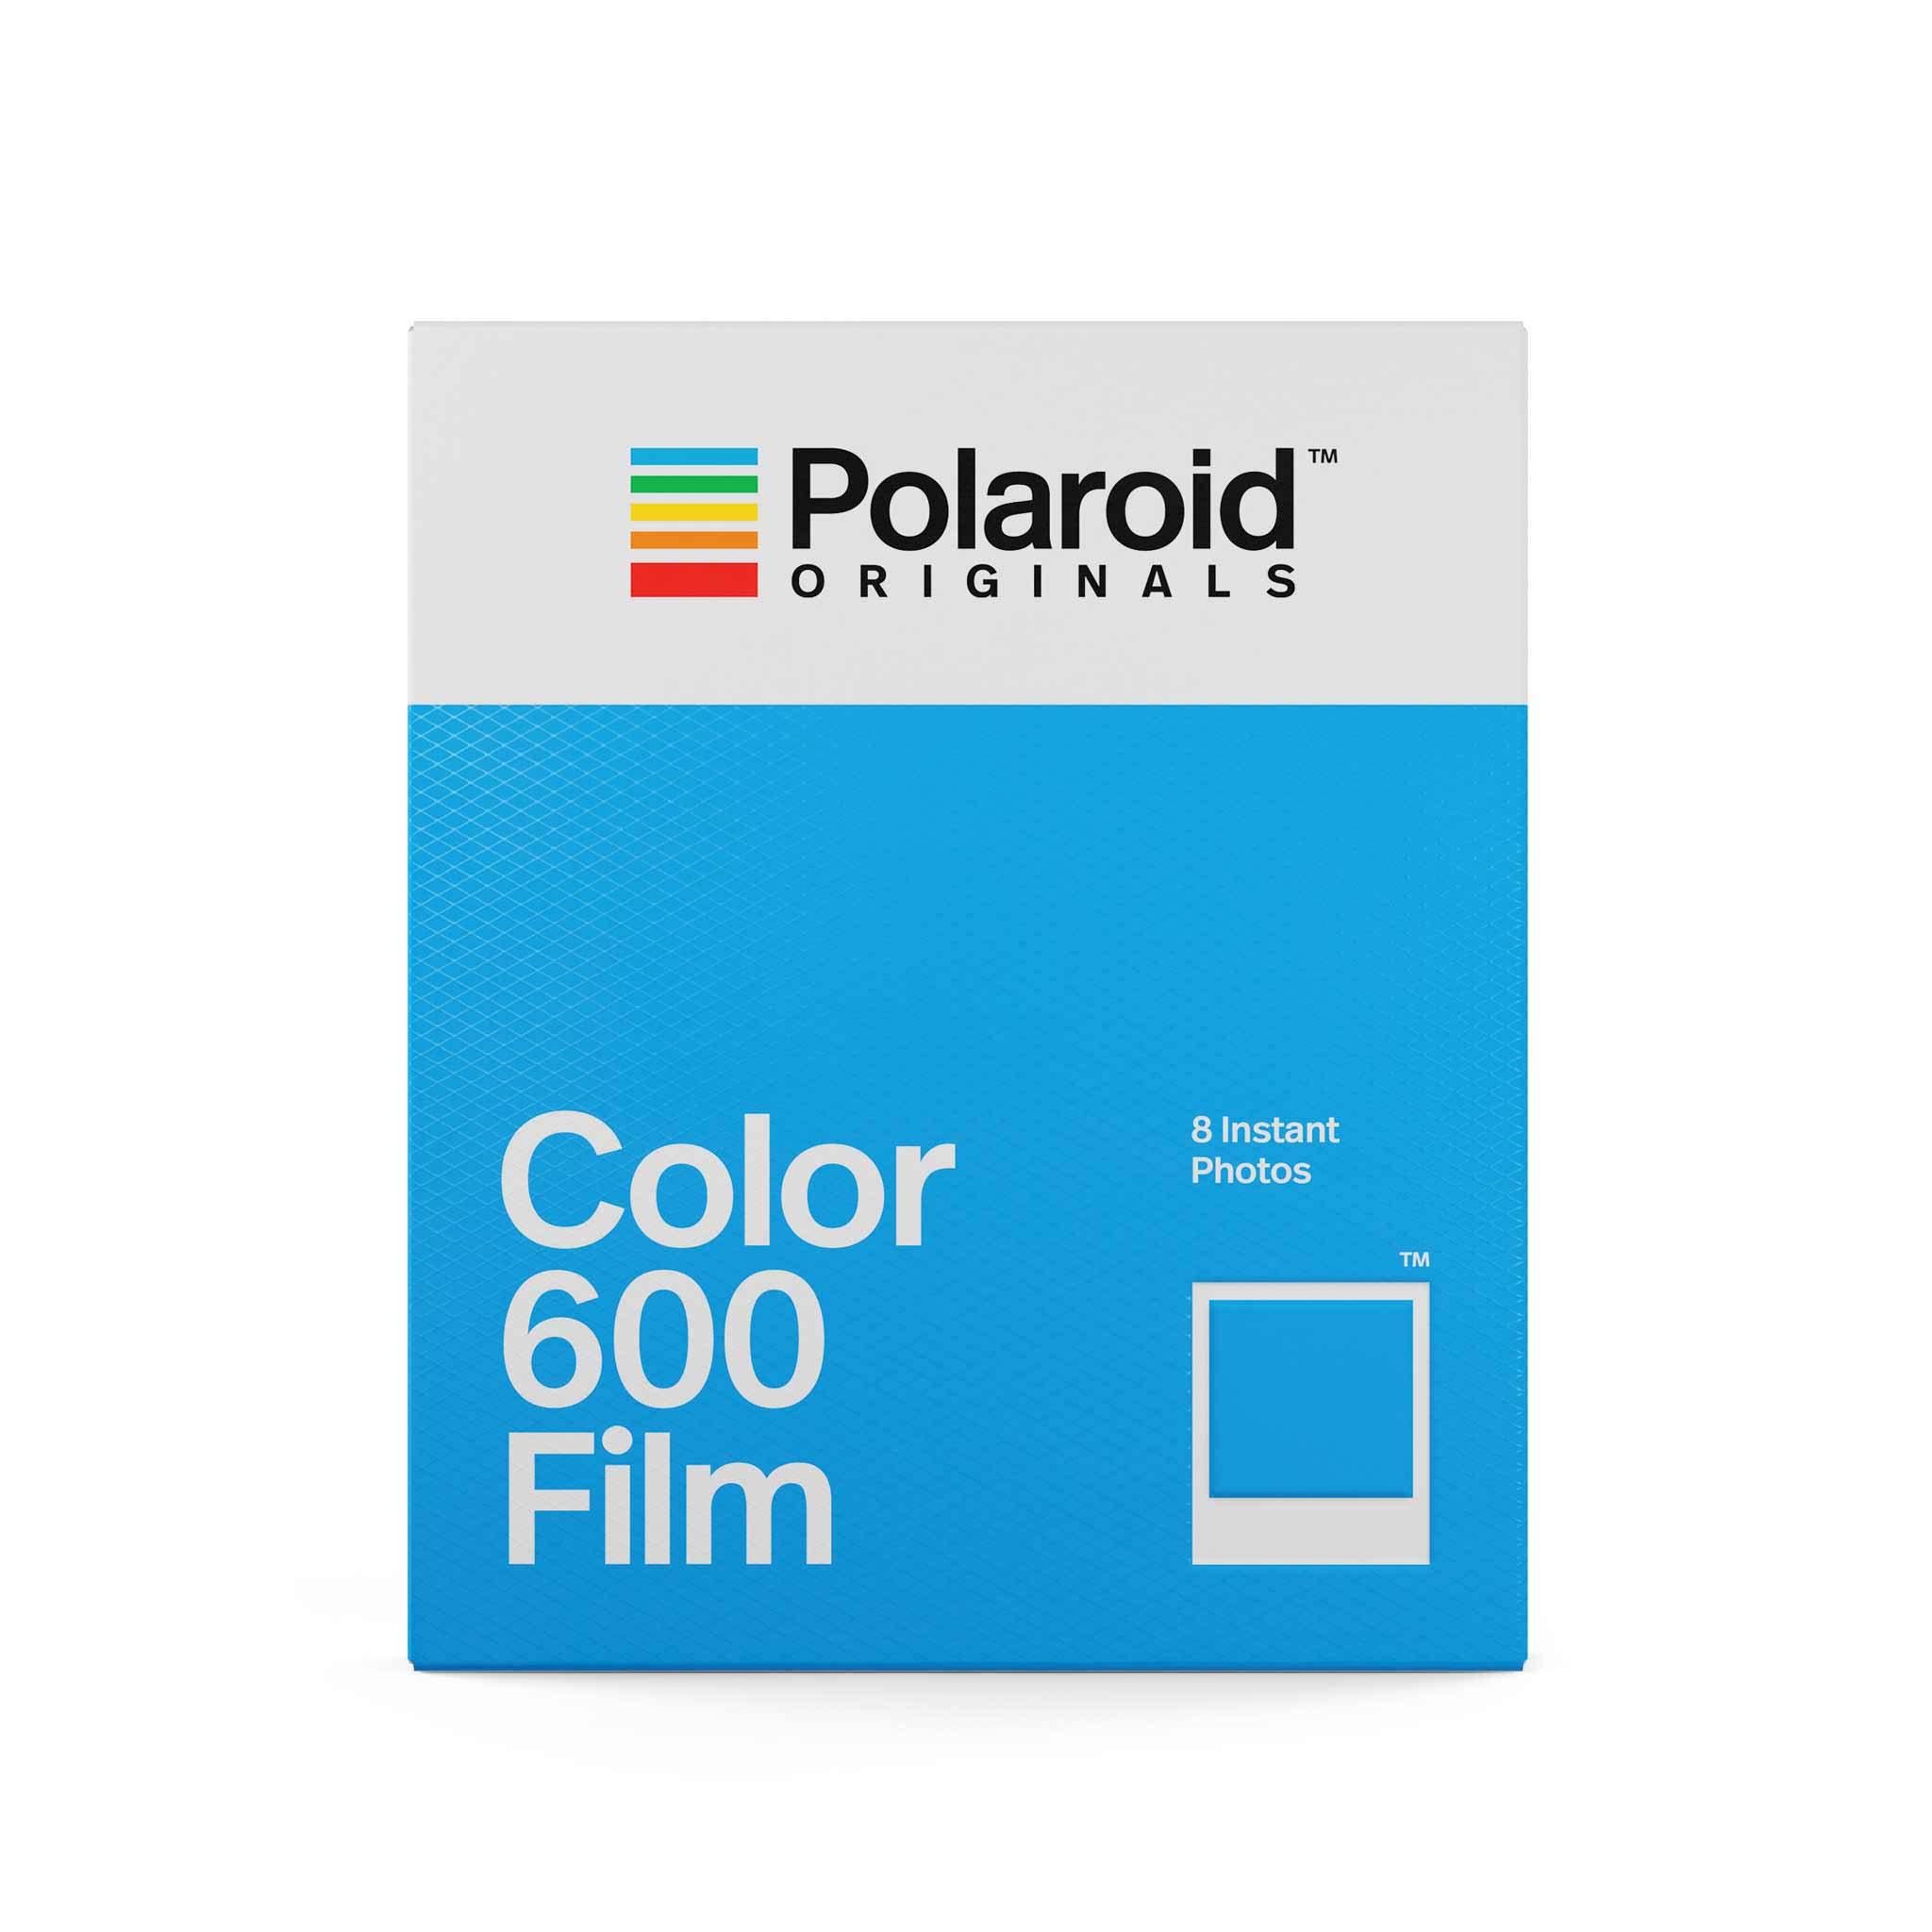 Papier photo instantané Polaroid 8 feuille Color 600 Film